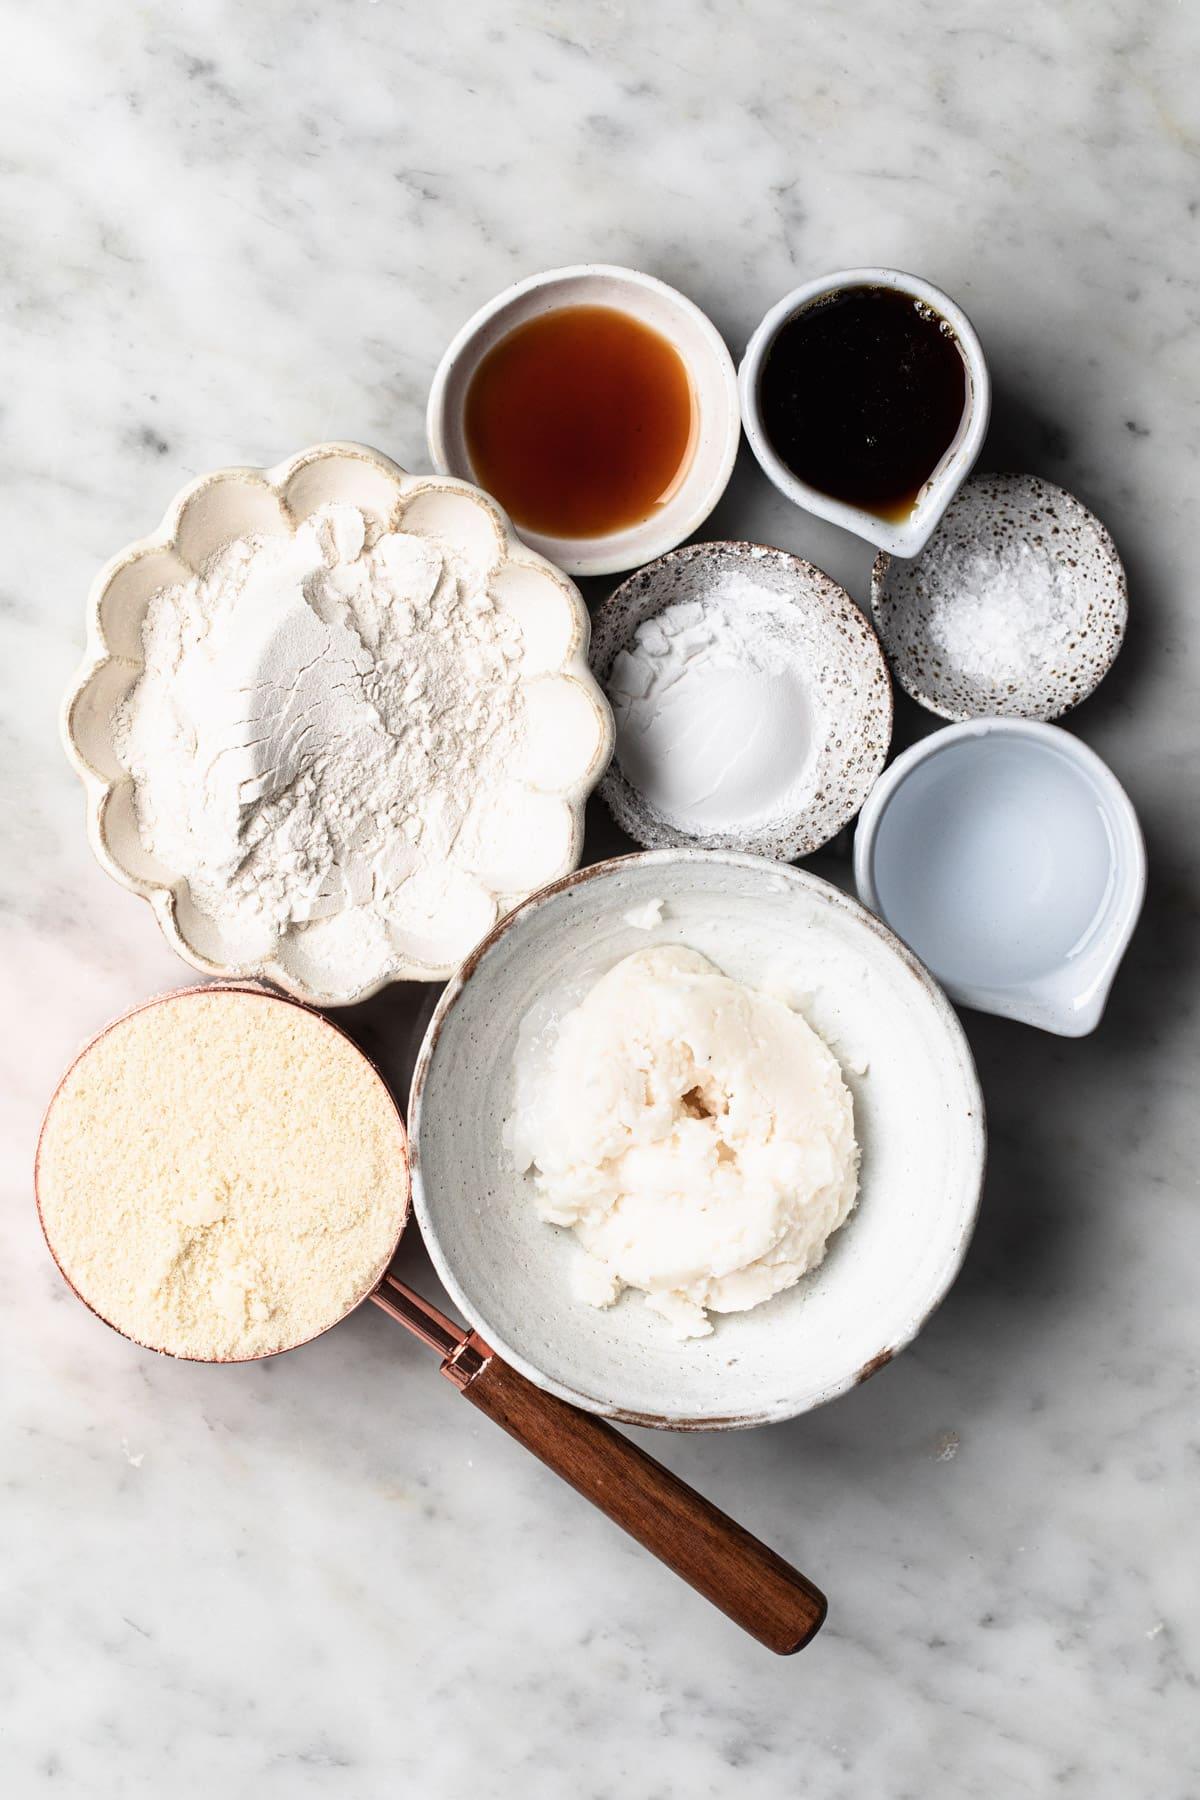 gluten free ingredients for vegan shortcrust pastry